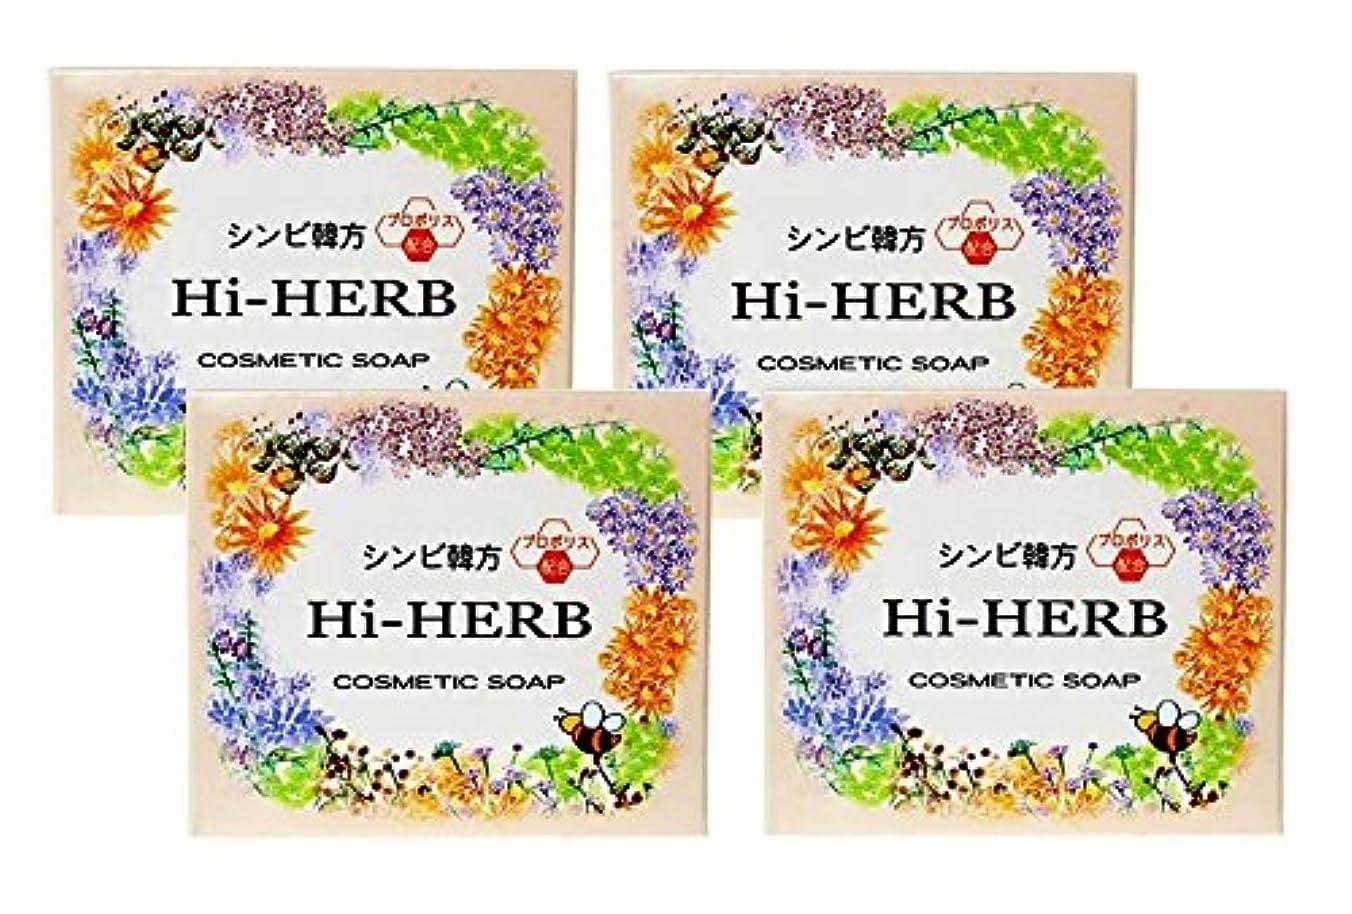 お勧め三角形ヘビ【シンビ】韓方ハイハーブ石鹸 100g×4個セット